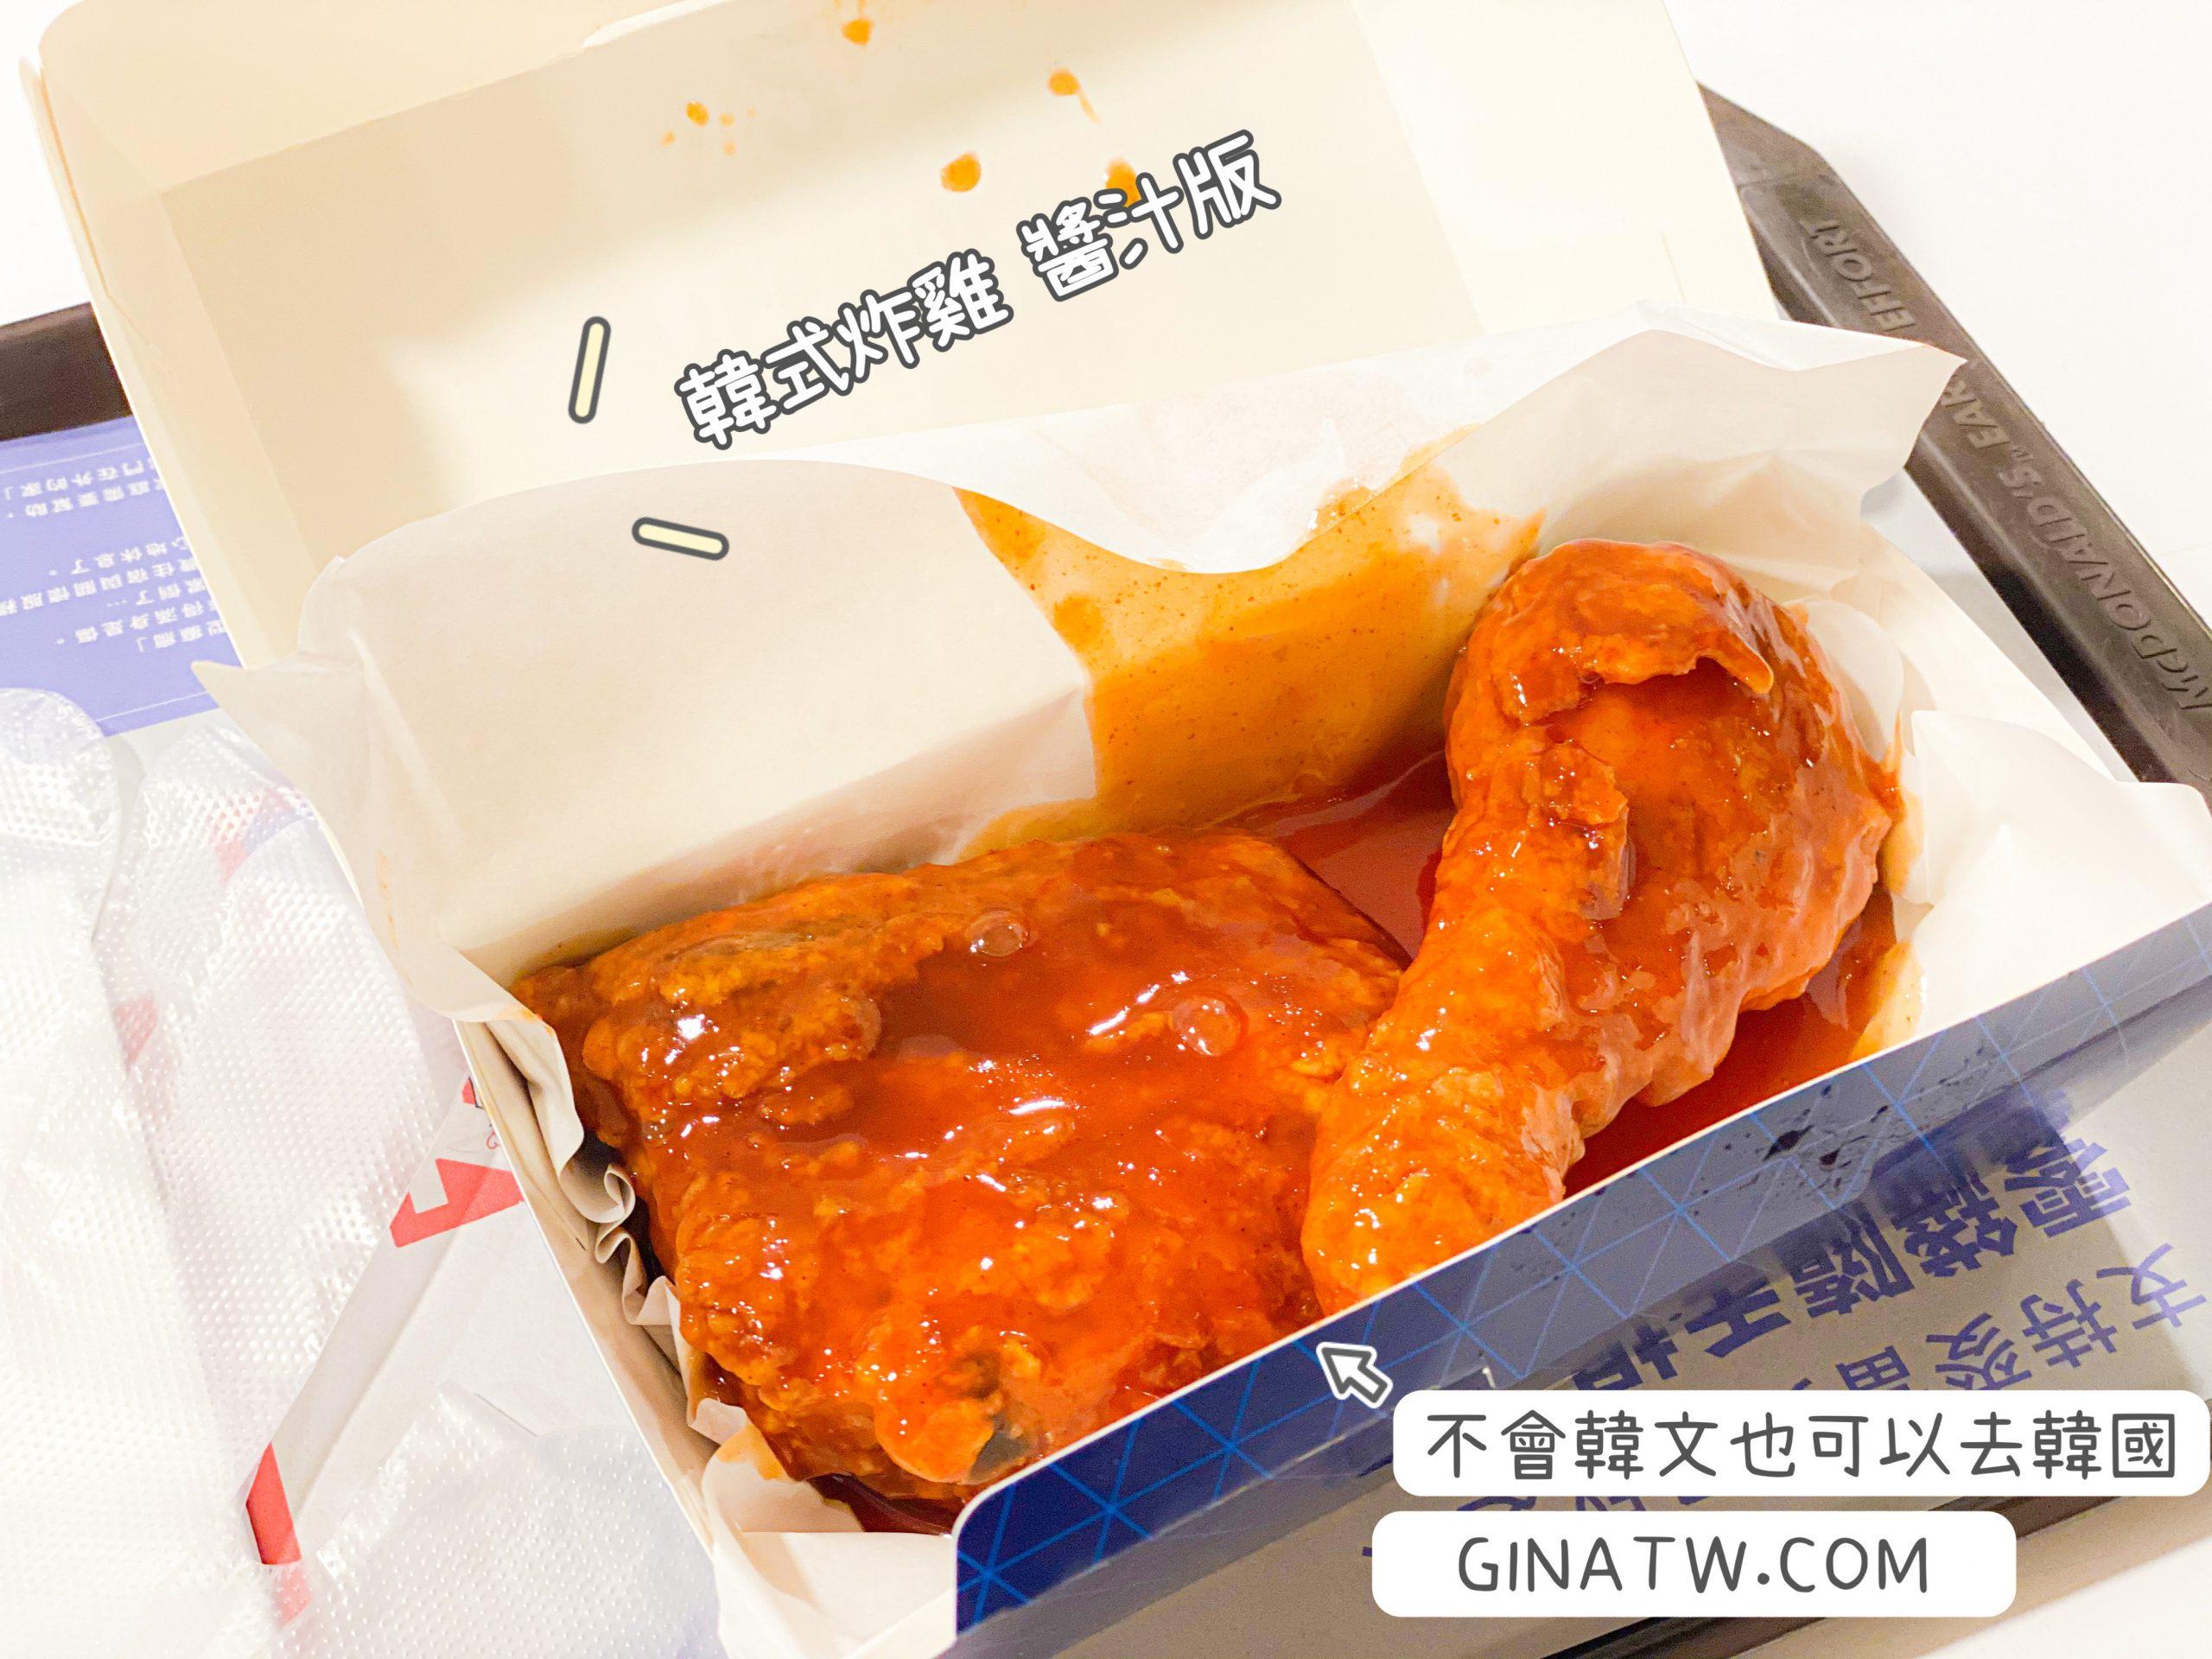 【麥當勞韓式炸雞】韓風炸雞腿|韓國直送醬料|嘗鮮期間限定 @GINA環球旅行生活|不會韓文也可以去韓國 🇹🇼